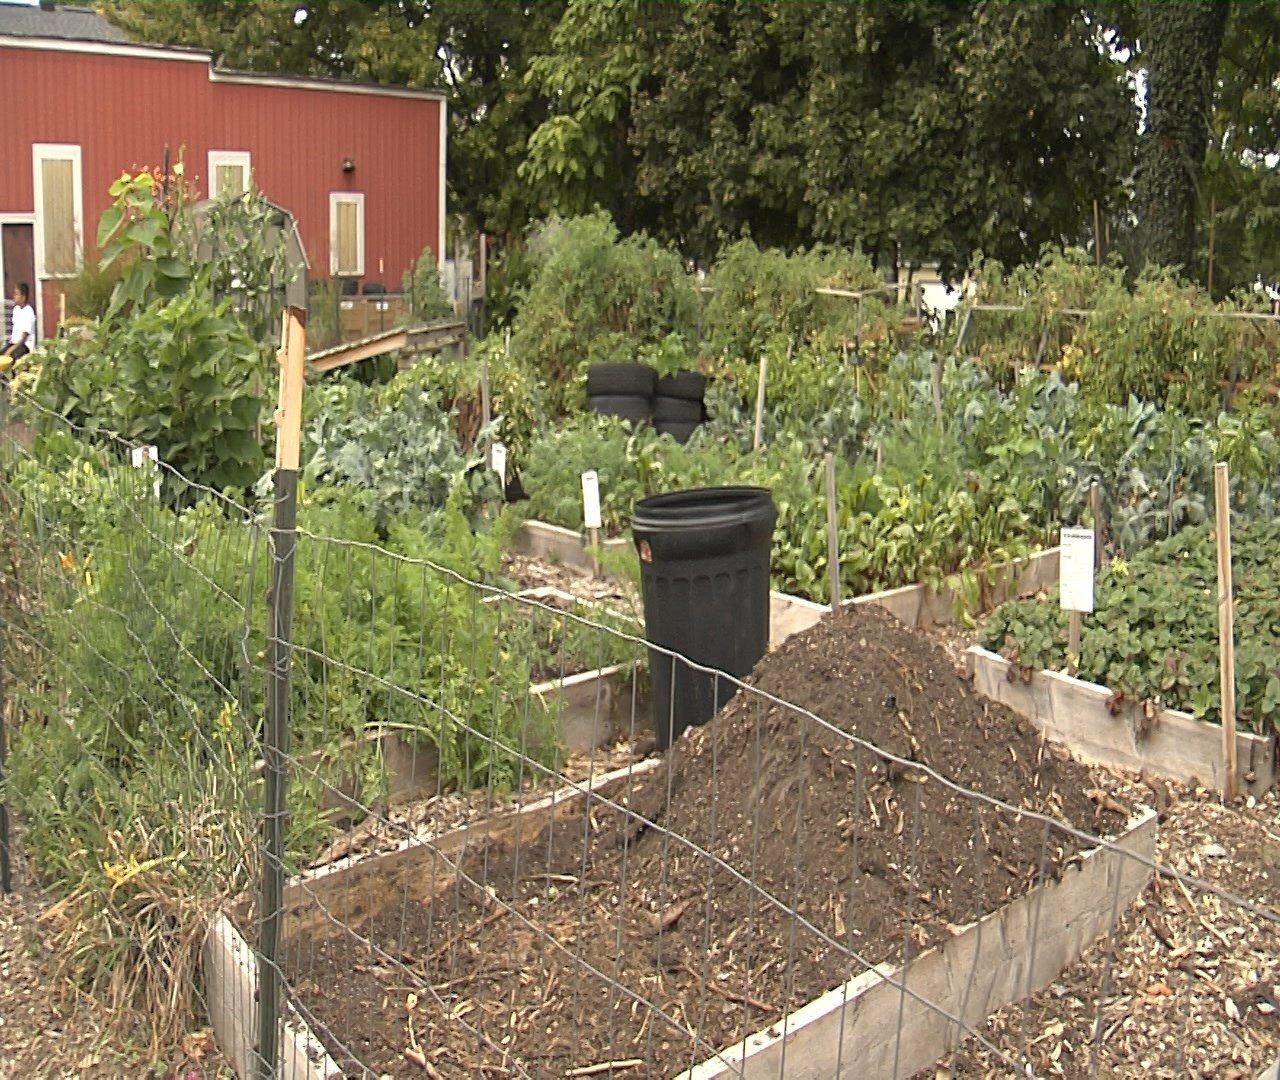 Urban Garden on West 19th Street in Erie